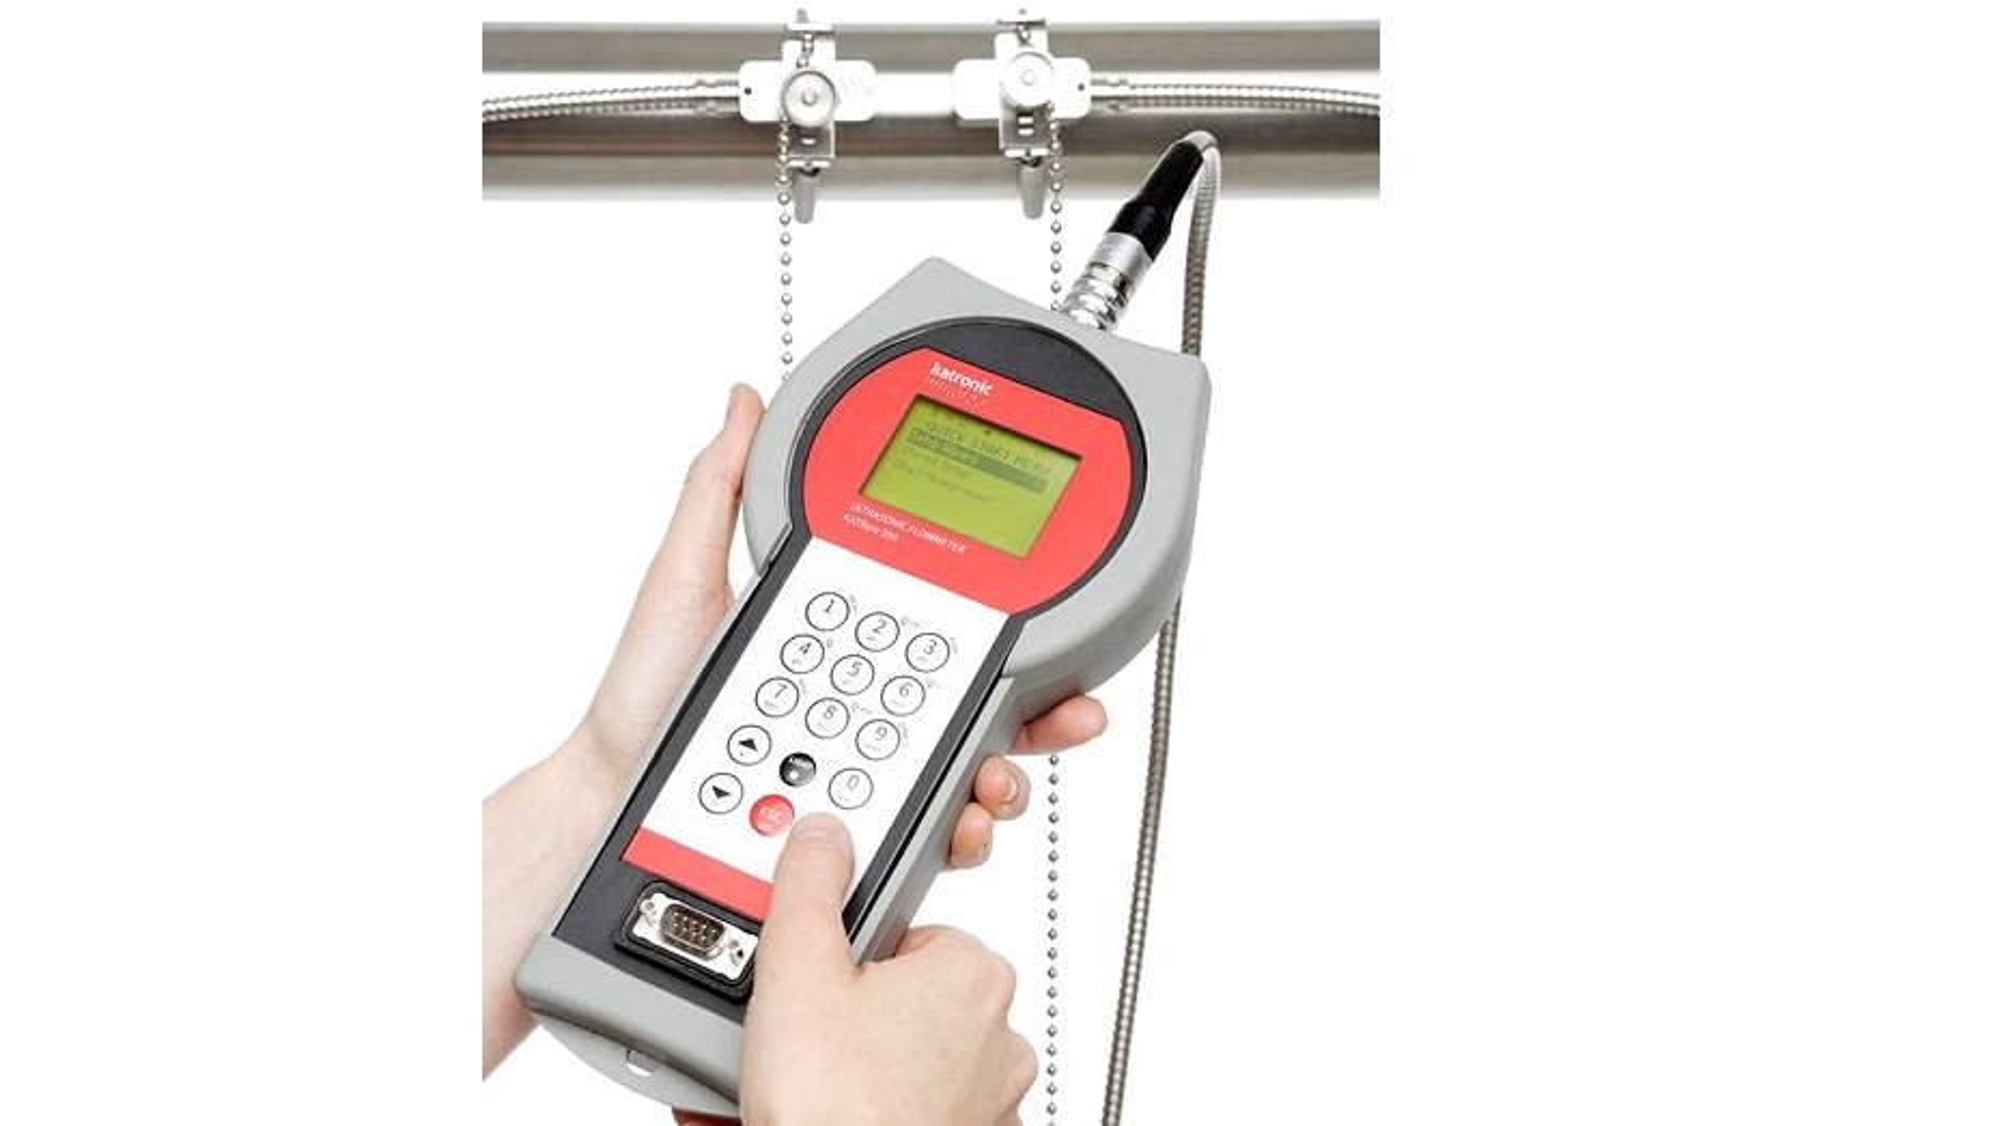 Katronic clamp-on flowmeter som nå distribueres av Håland Instrumentering.